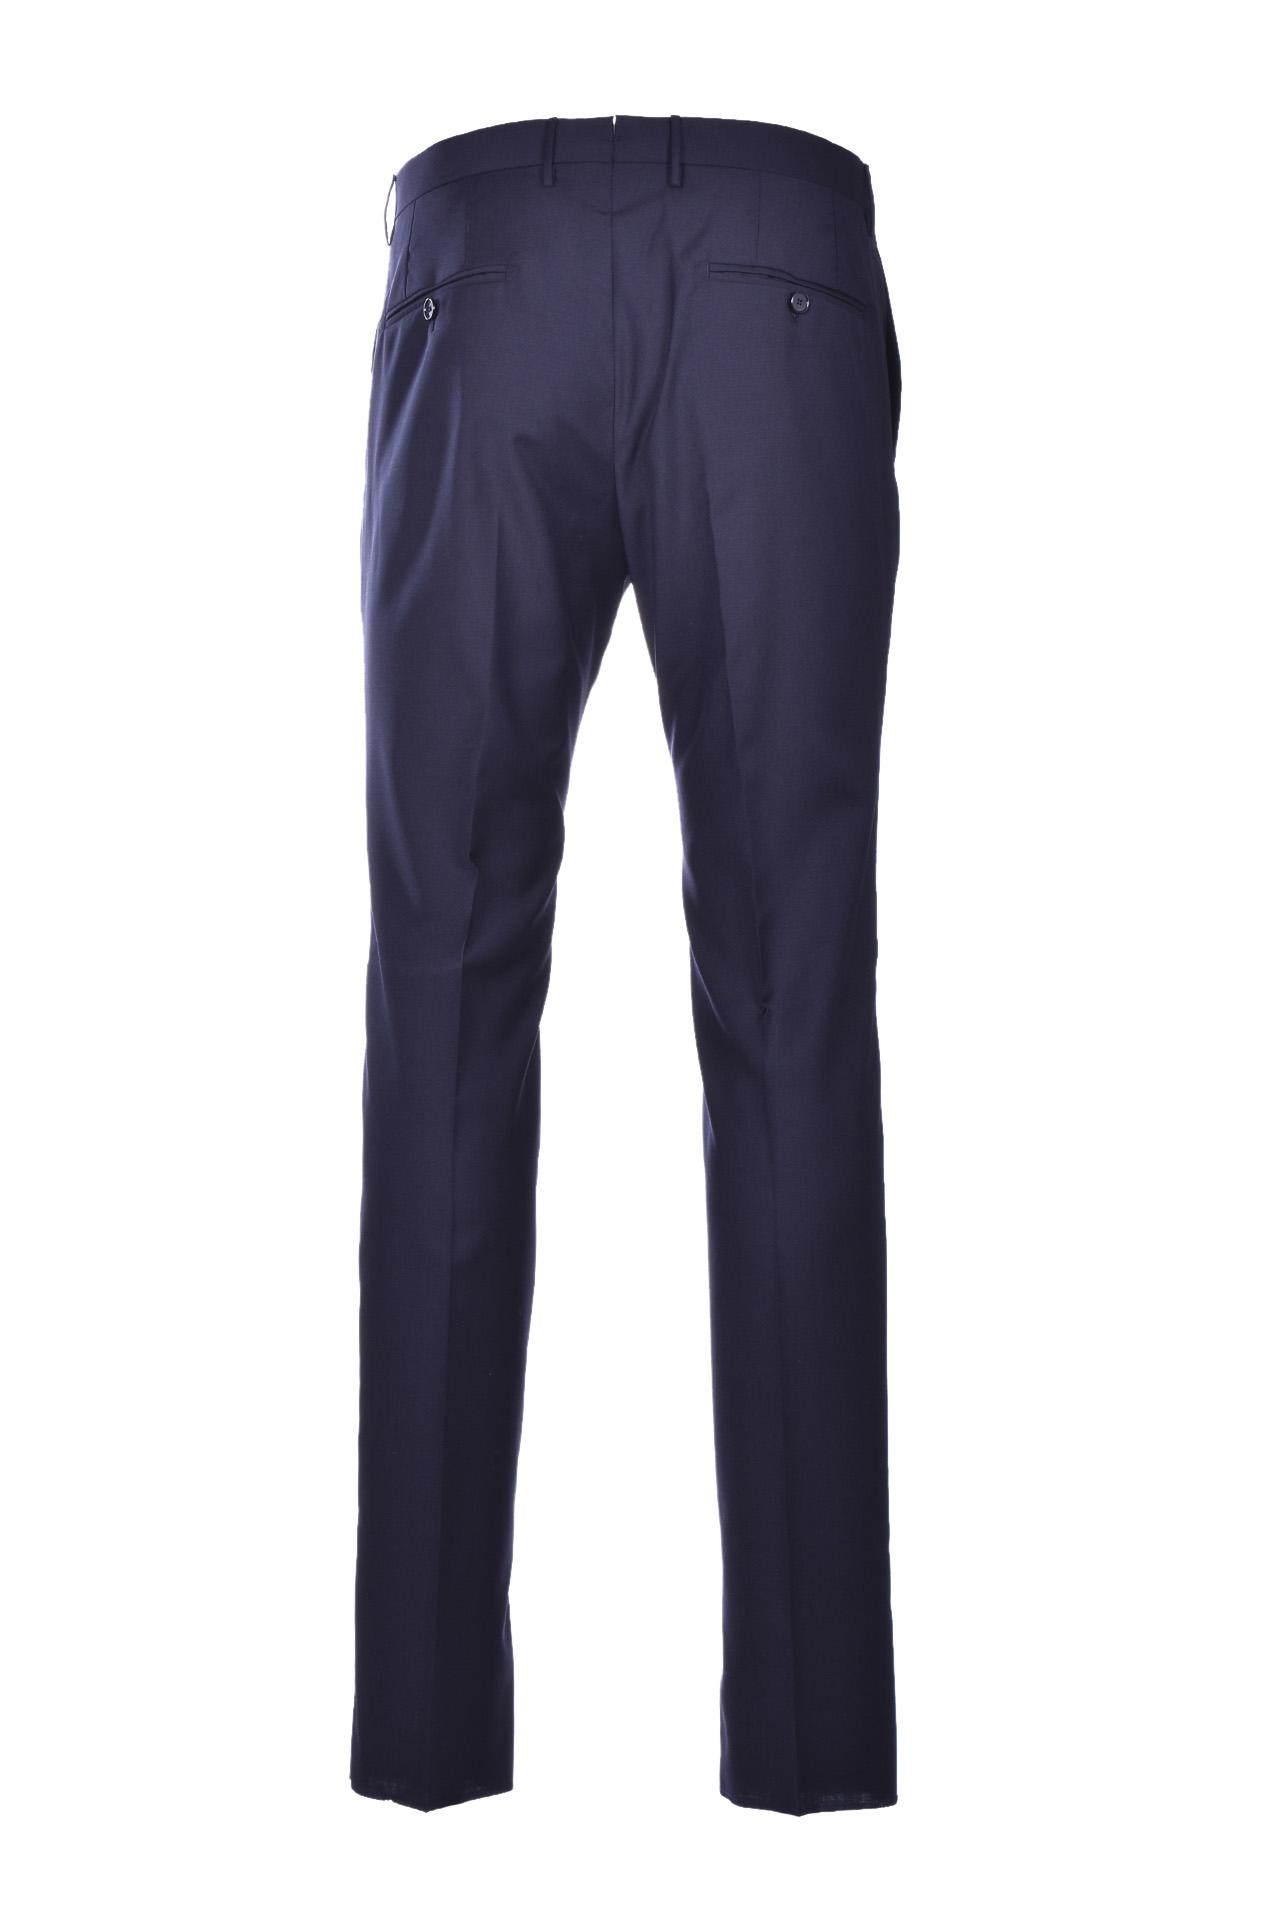 abito da uomo in fresco lana slim fit - blu scuro TAGLIATORE   Abiti   A-DAKAR22K11 12UPZ236B085